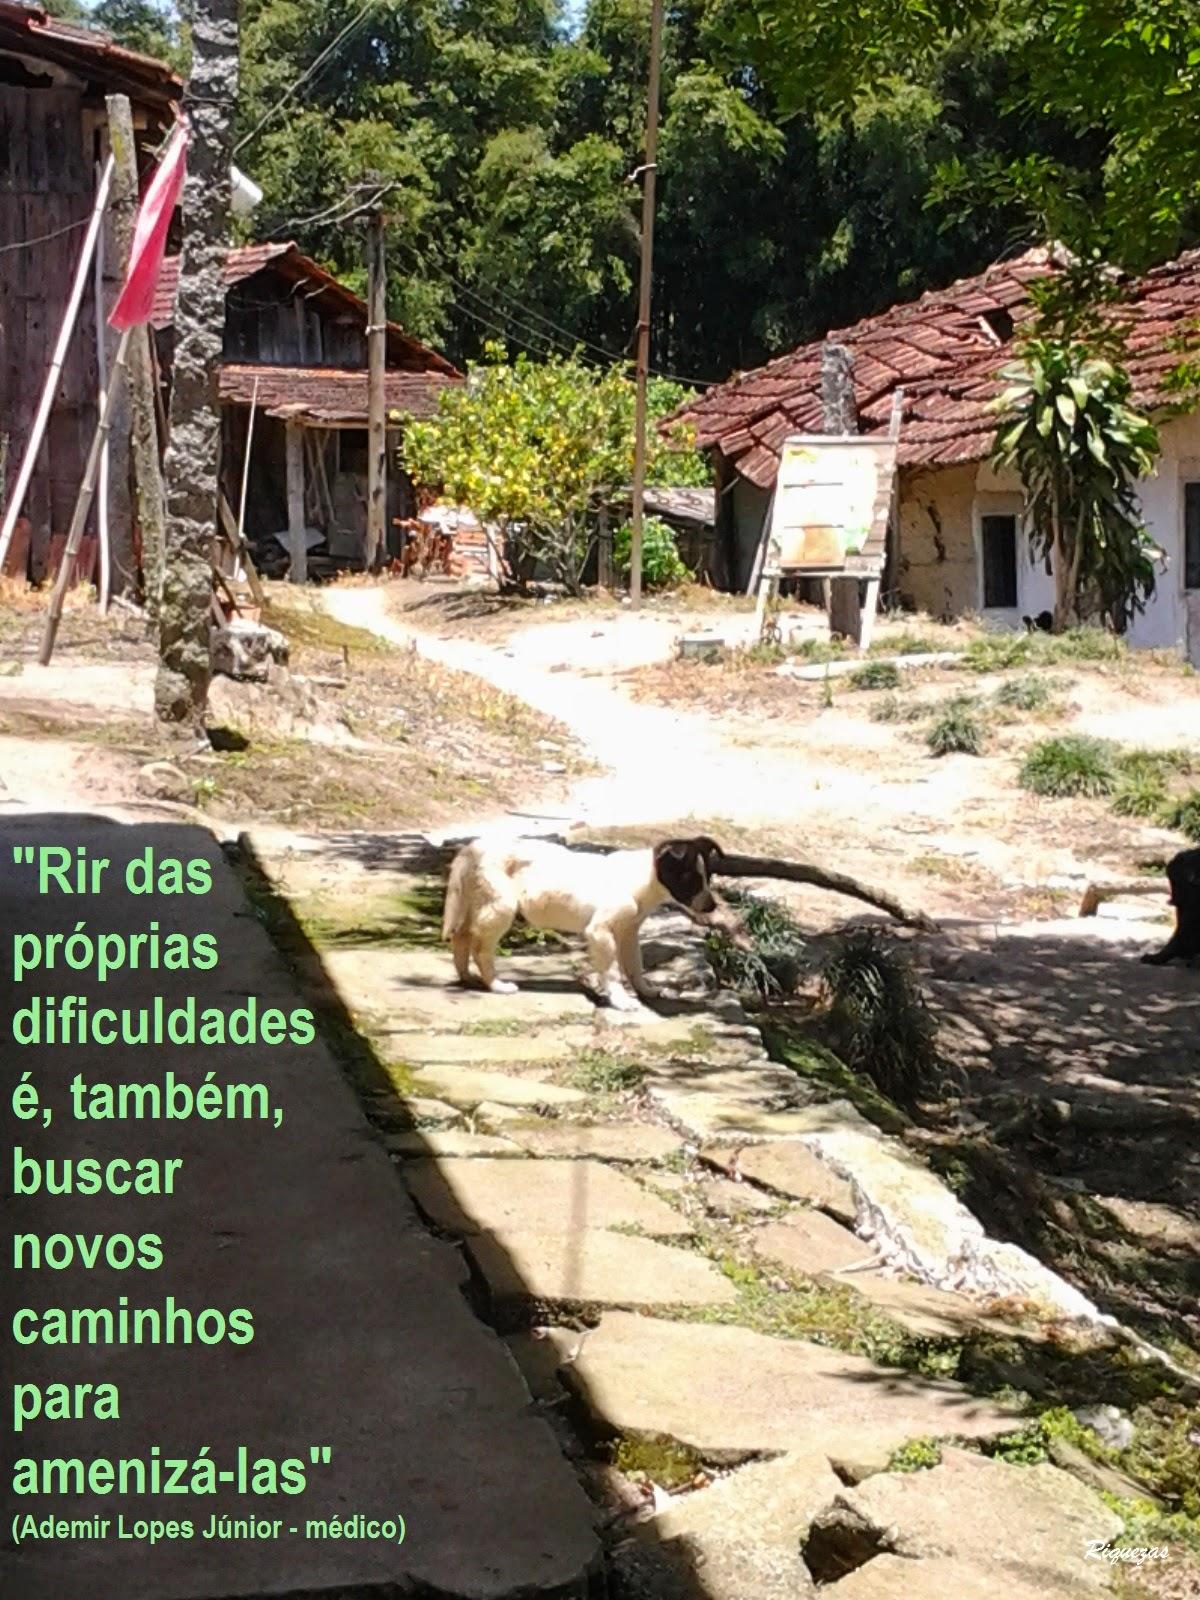 Foto tirada em Mogi das Cruzes